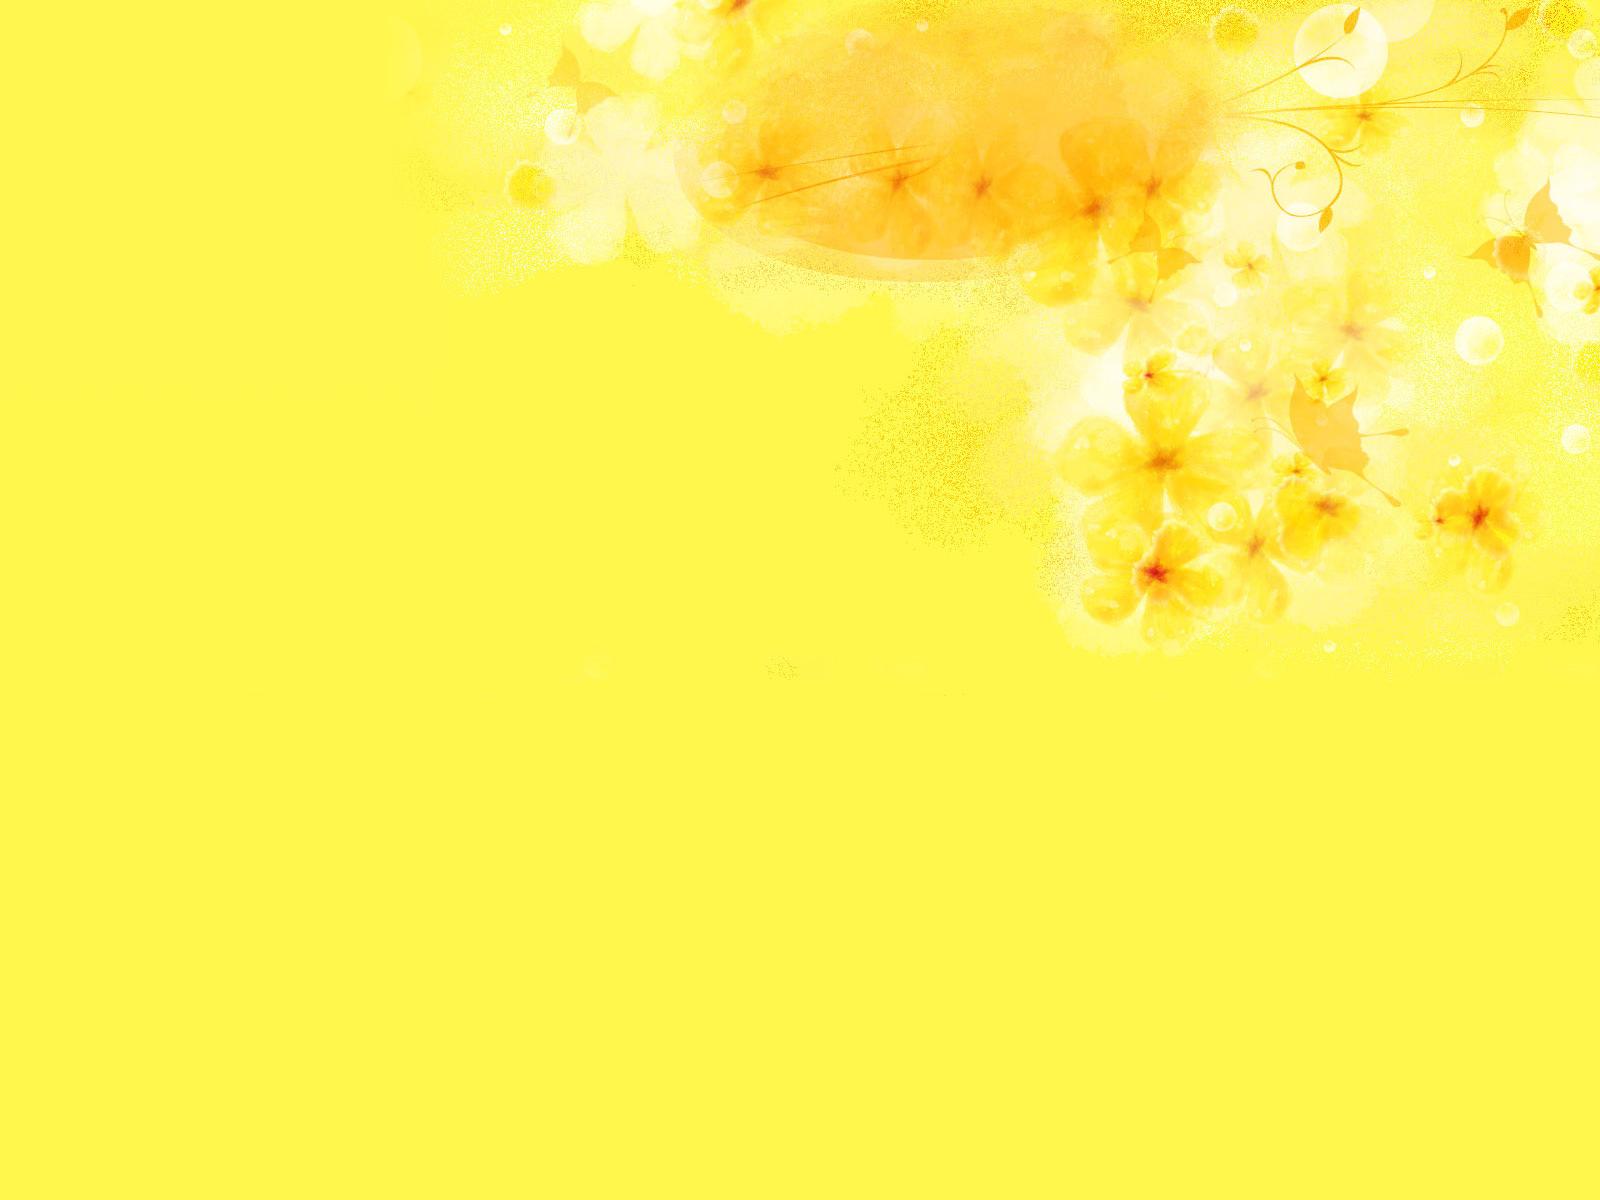 Background vàng đẹp Hình nền máy tnh Background